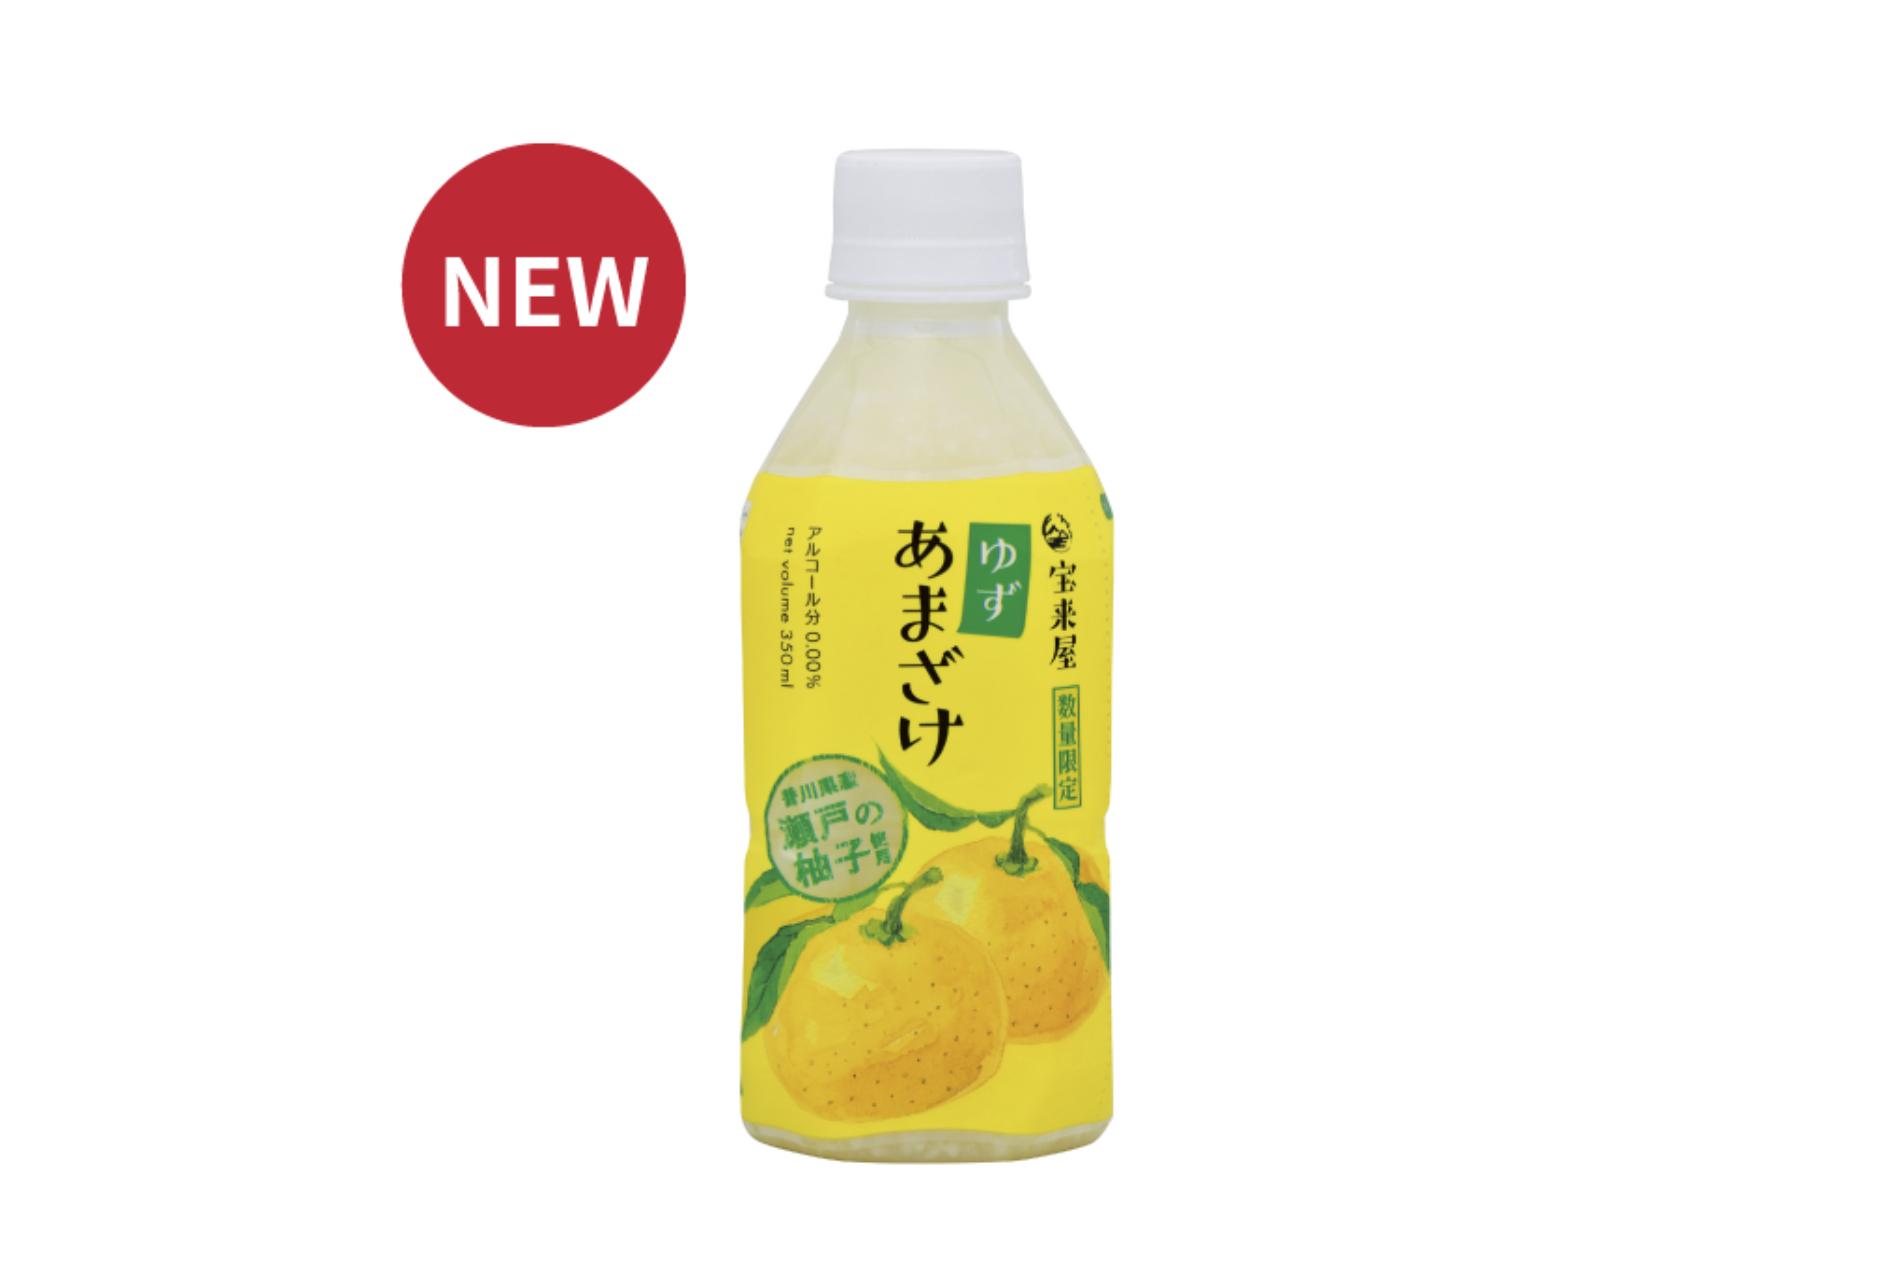 【甘酒新発売】宝来屋『ゆずあまざけ』